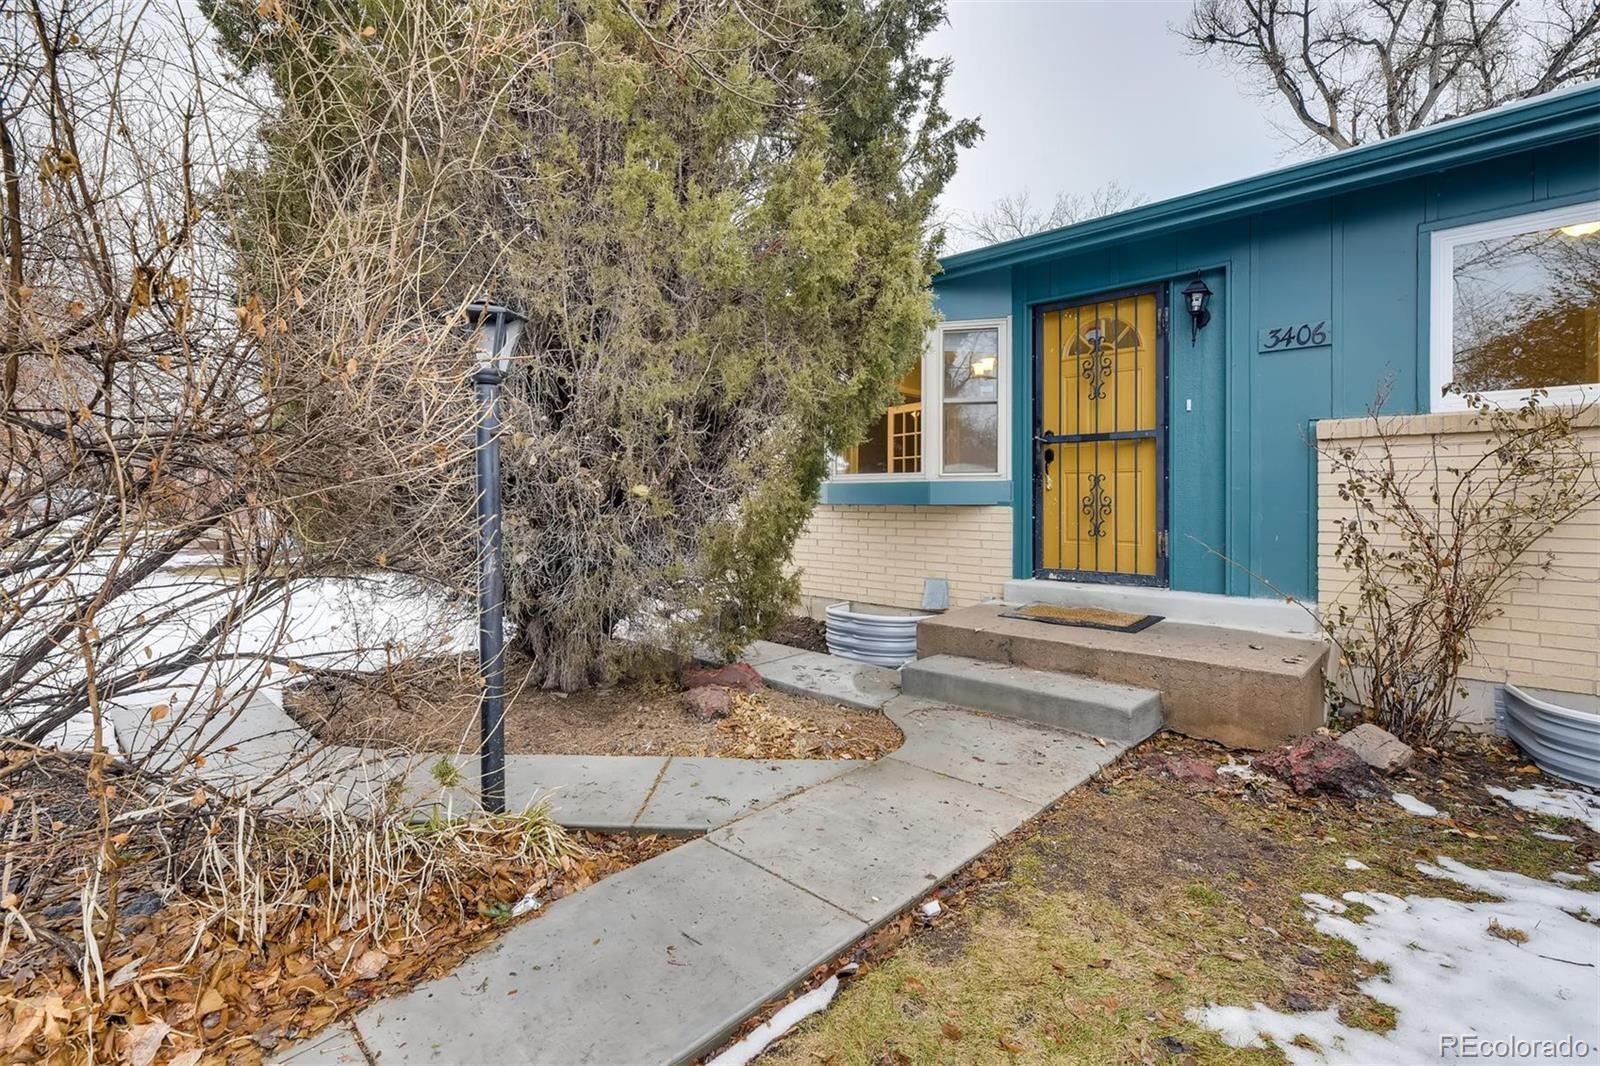 MLS# 9477565 - 3 - 3406 S Stuart Street, Denver, CO 80236